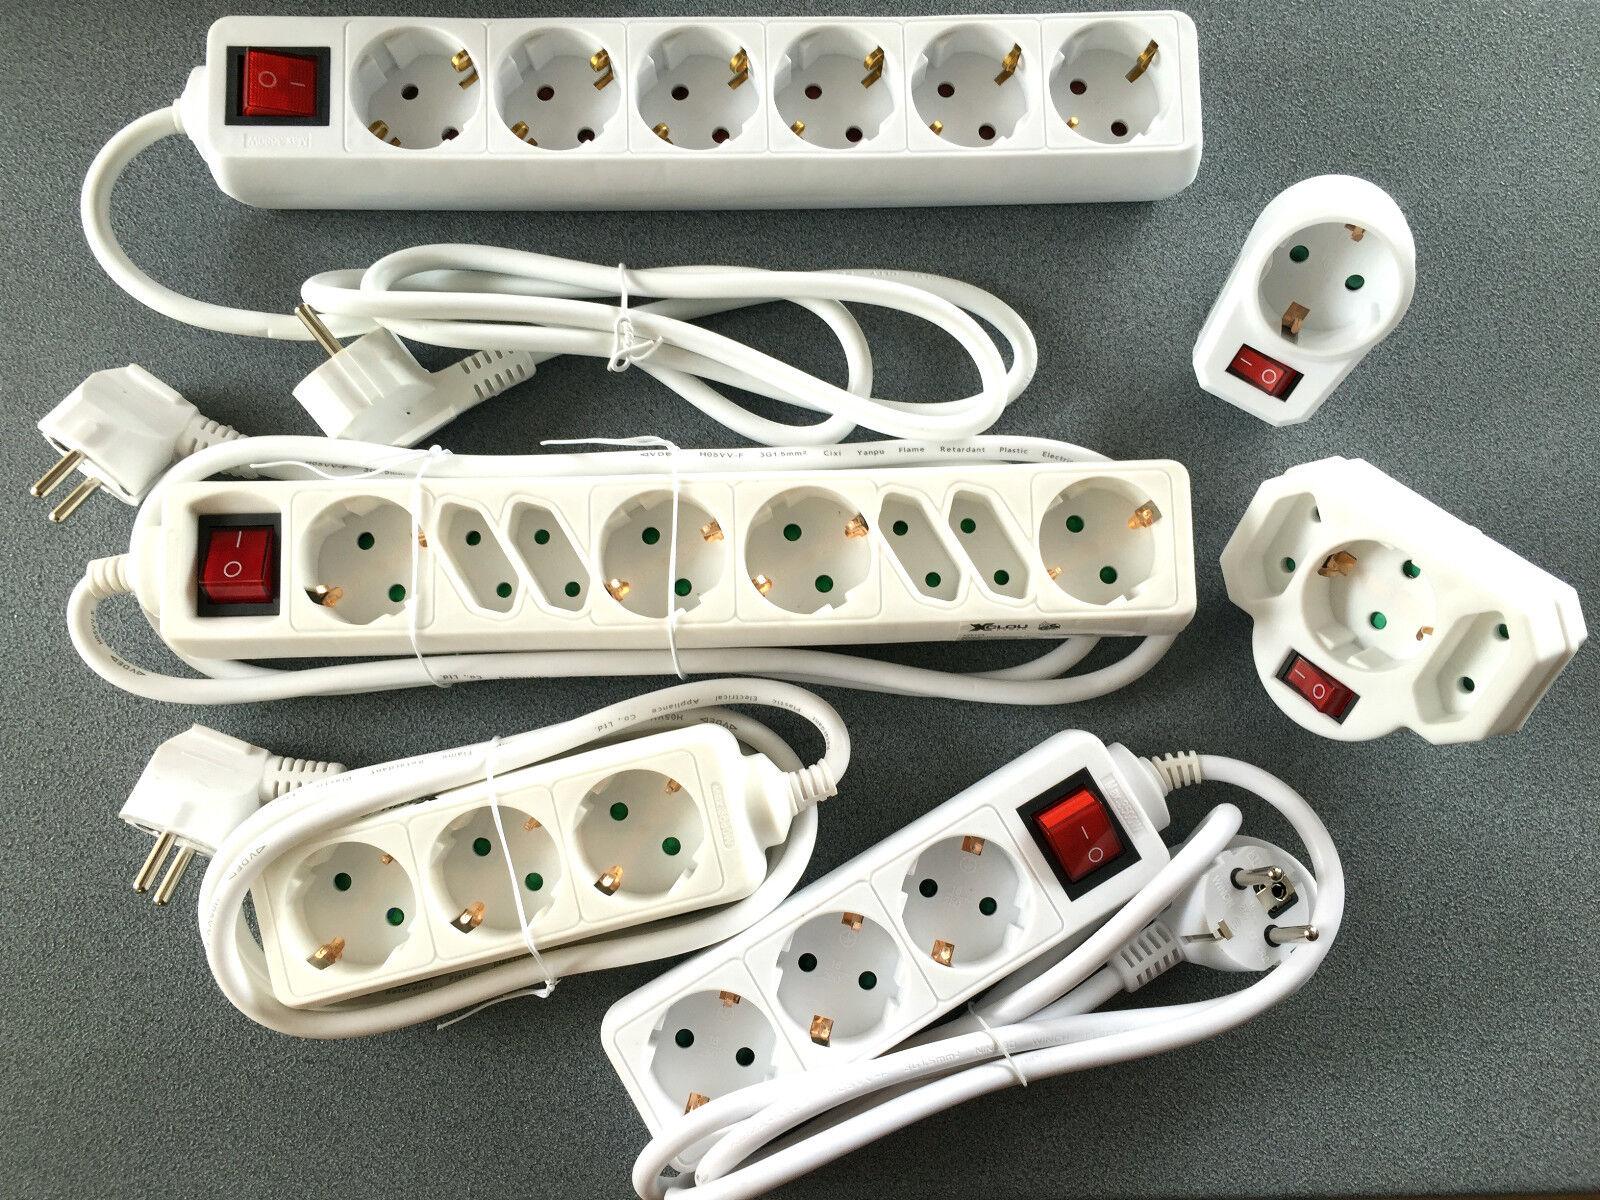 Steckdose Schalter 3fach 6fach 8fach Steckdosenleiste Steckerleiste 3m 5m Kabel